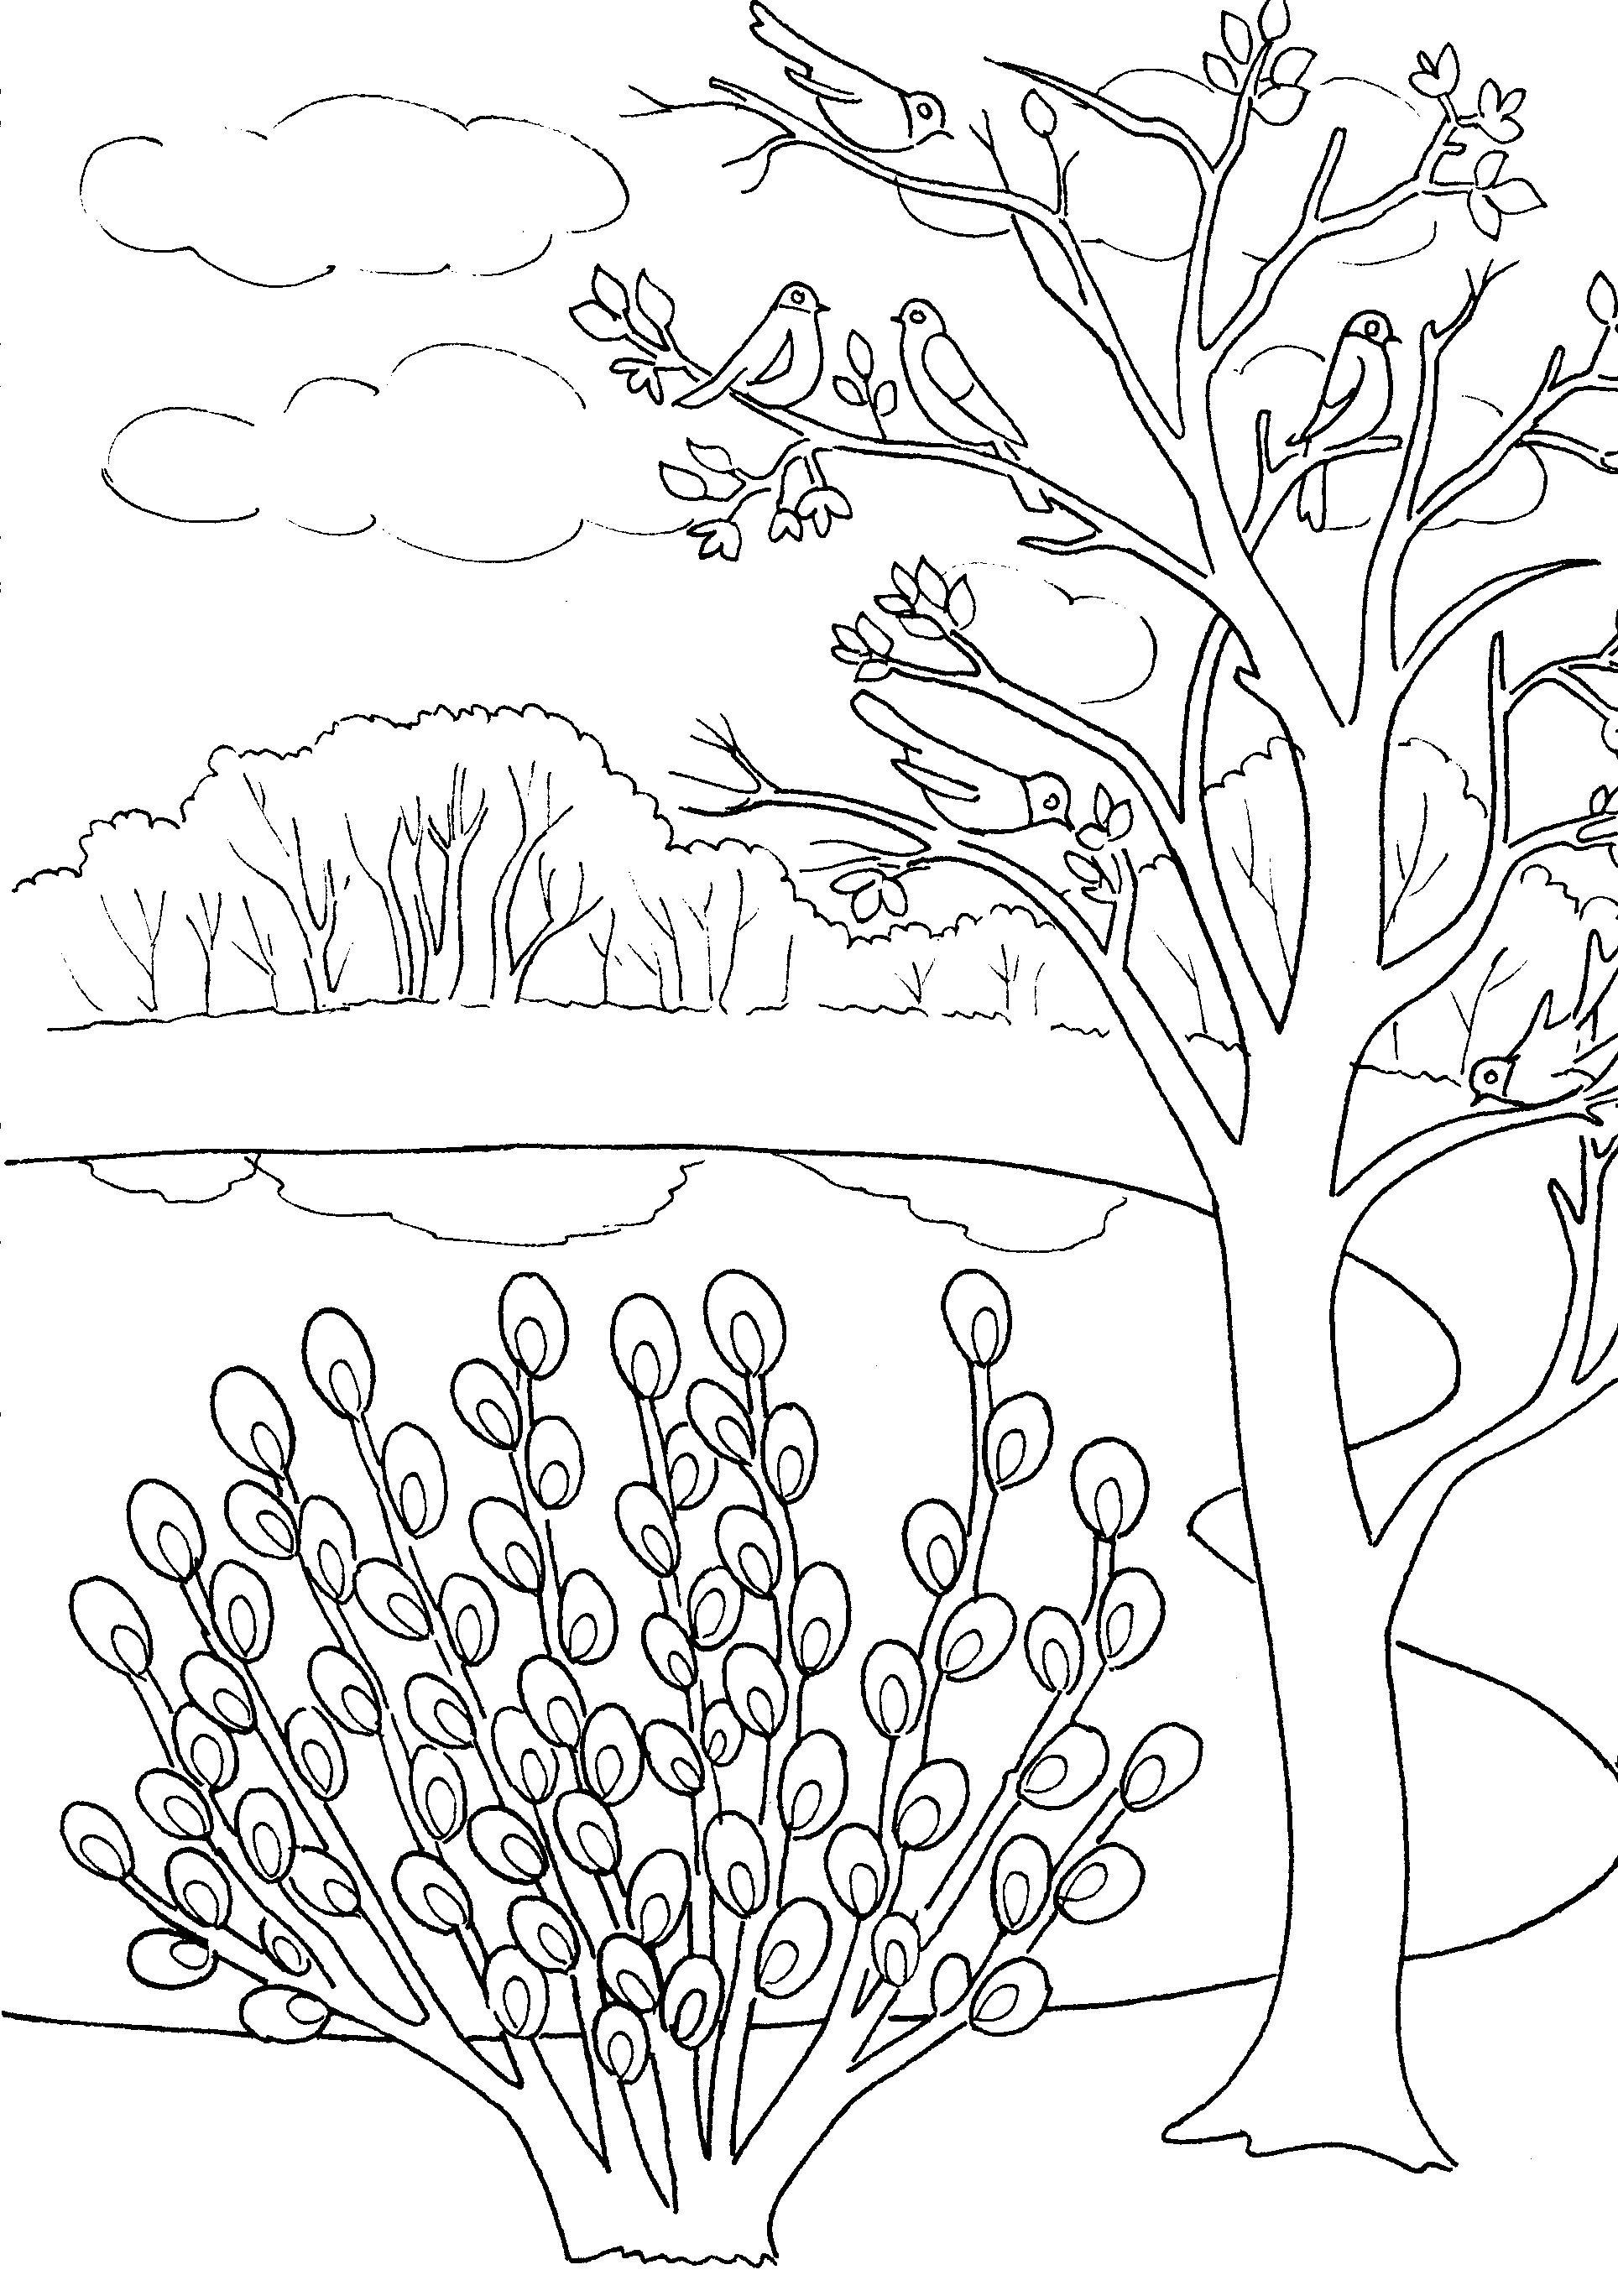 Картинки карандашом о весне